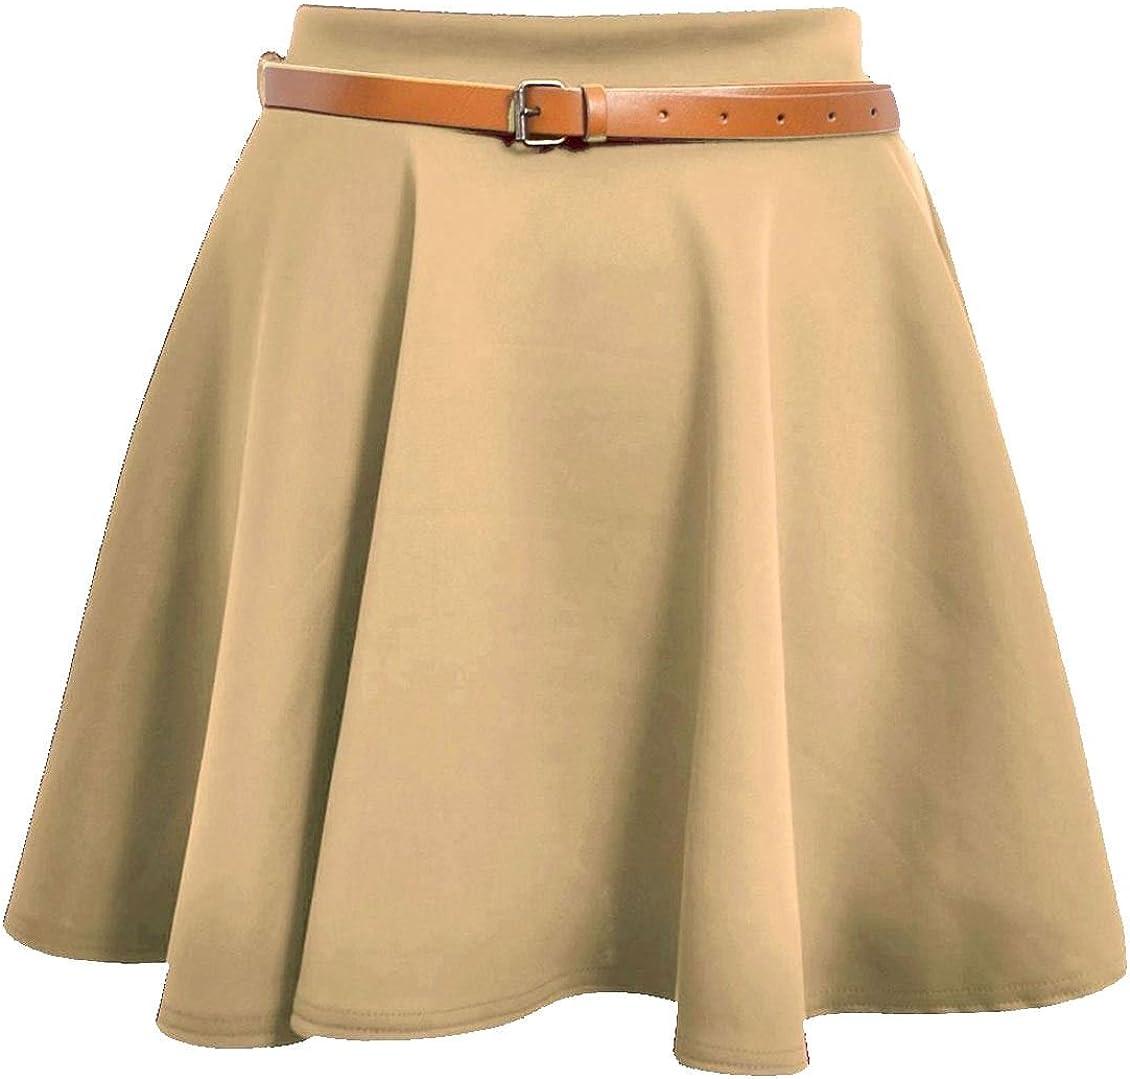 Rimi Hanger Womens Belted Mini Skater Skirt Ladies Plain Flared Skater Swing Party Skirt Small/XX-Large